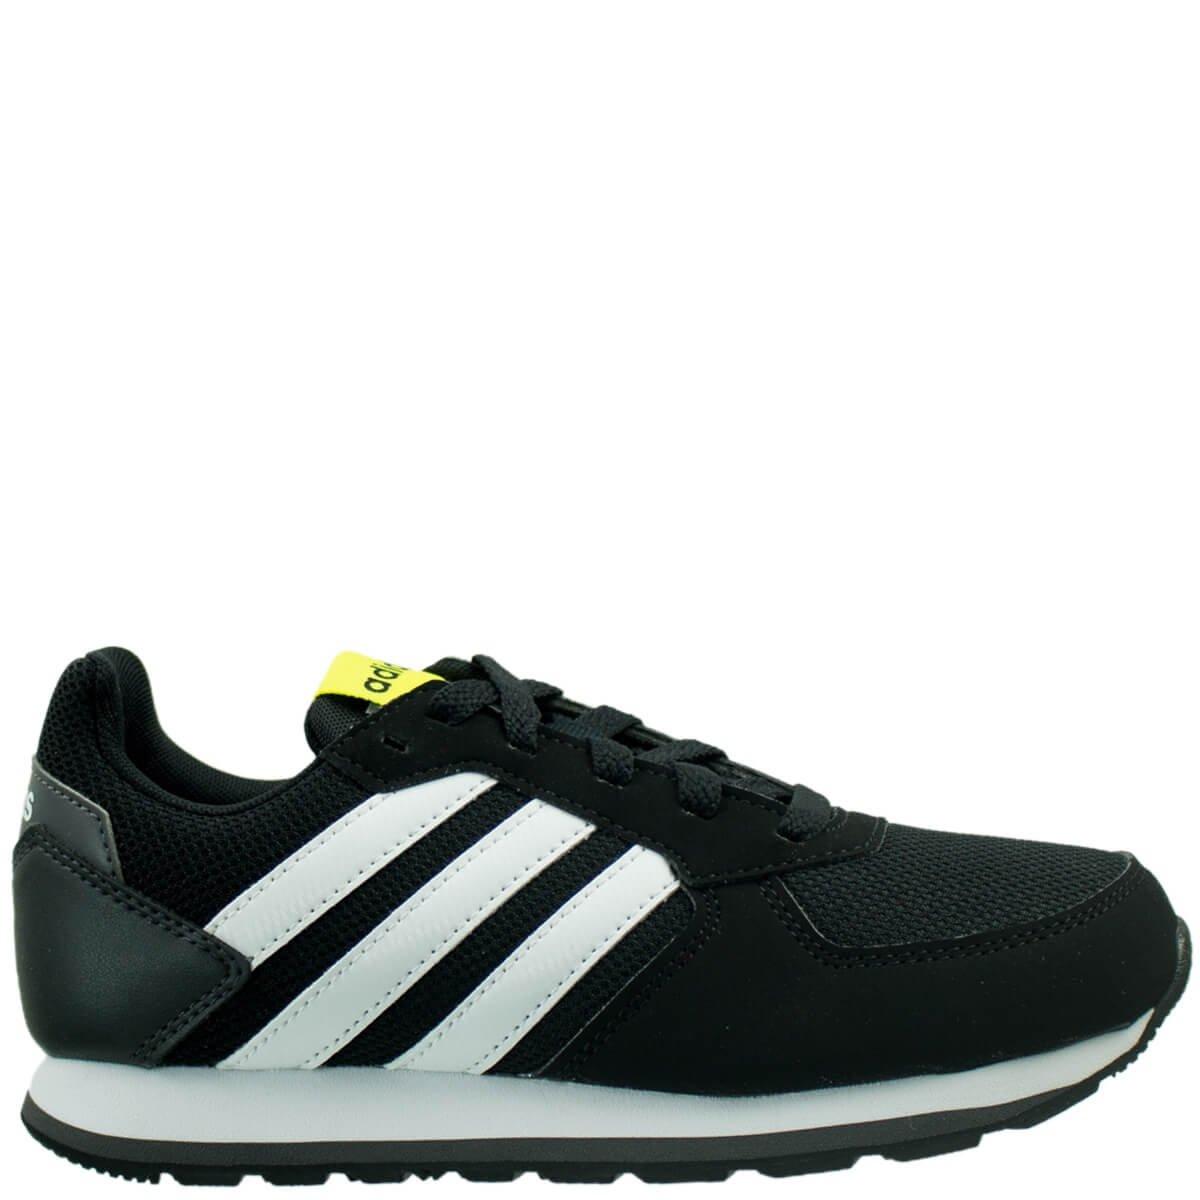 153a227b5bd Bizz Store - Tênis Infantil Menino Adidas 8K